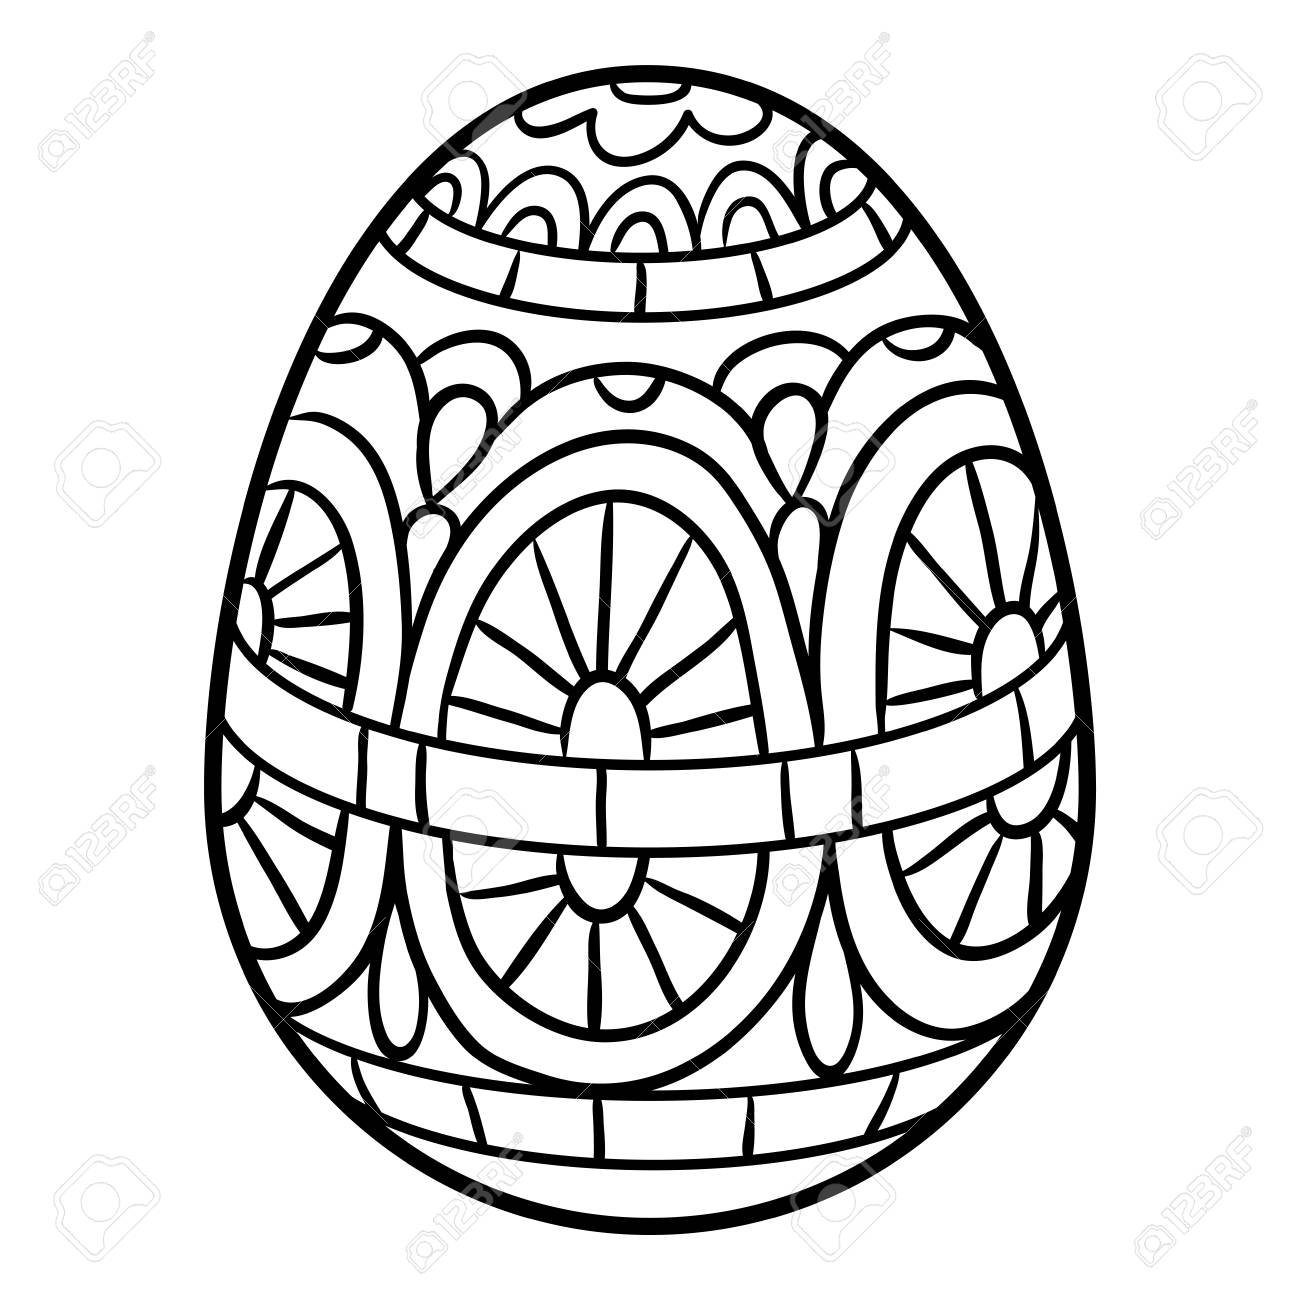 Coloring book for children, Easter egg illustration.